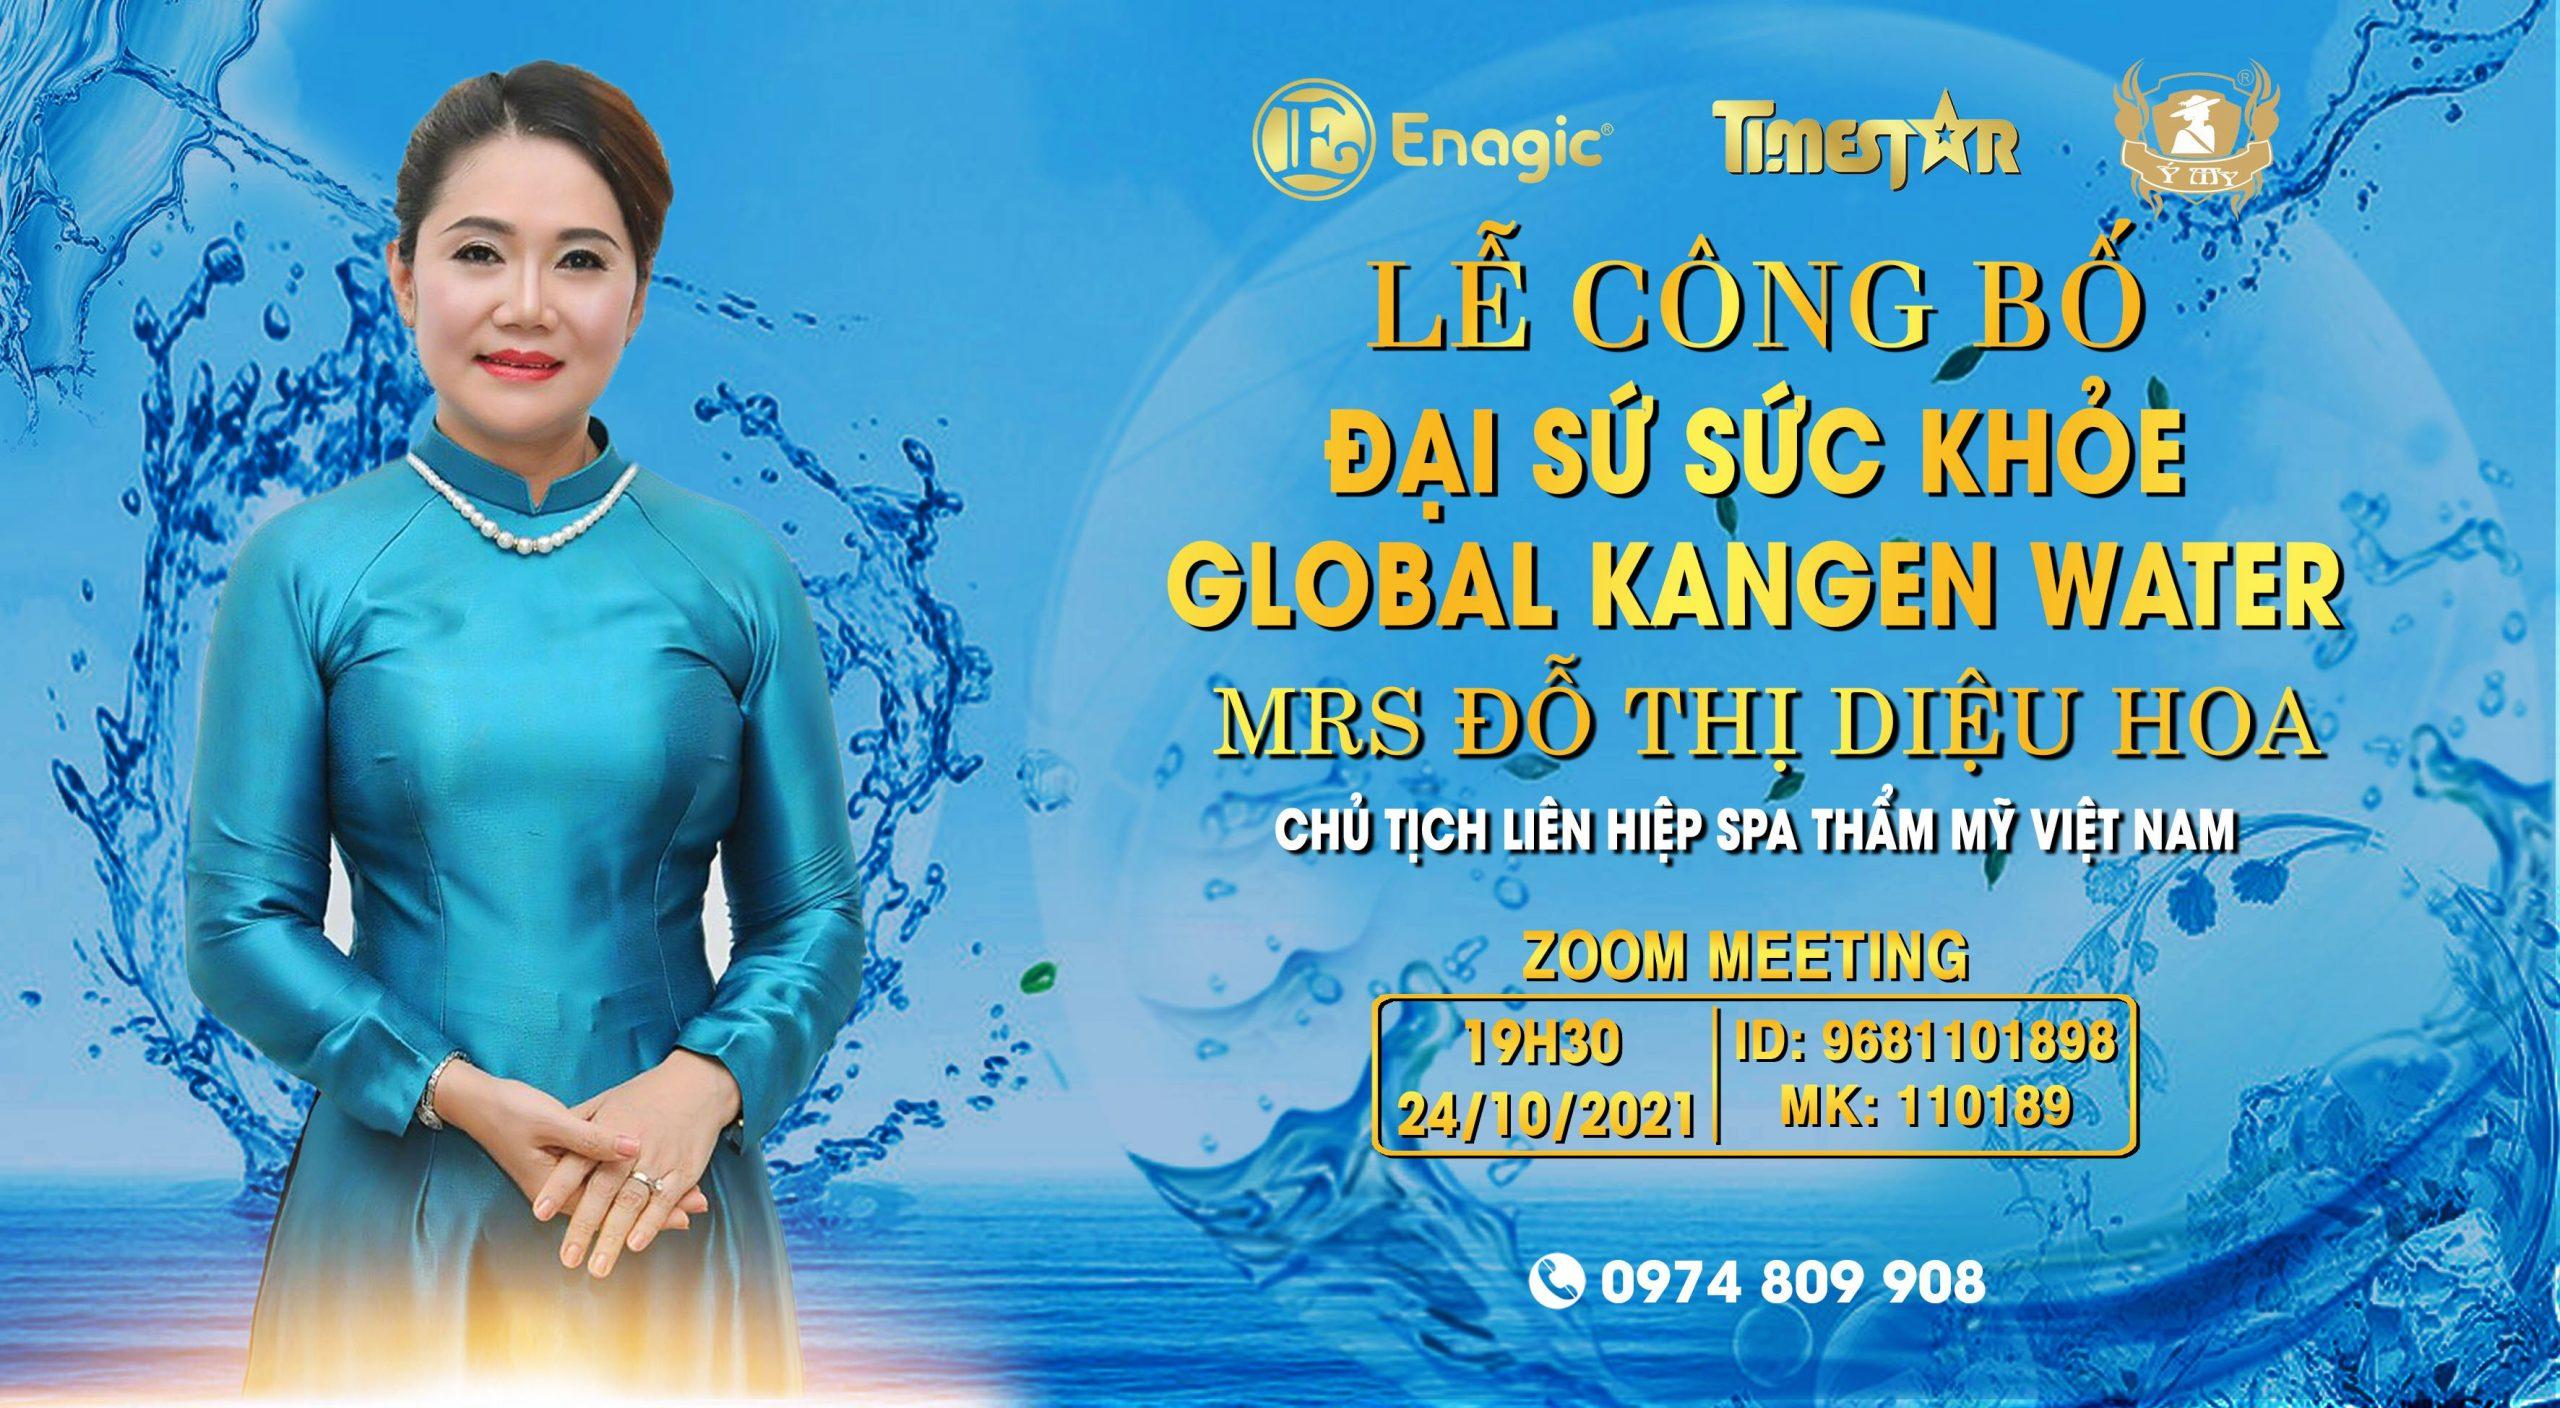 Lễ công bố đại sứ sức khỏe Global Kangen Water Mrs Đỗ Thị Diệu Hoa – Chủ Tịch LHSP thẩm mỹ Việt Nam